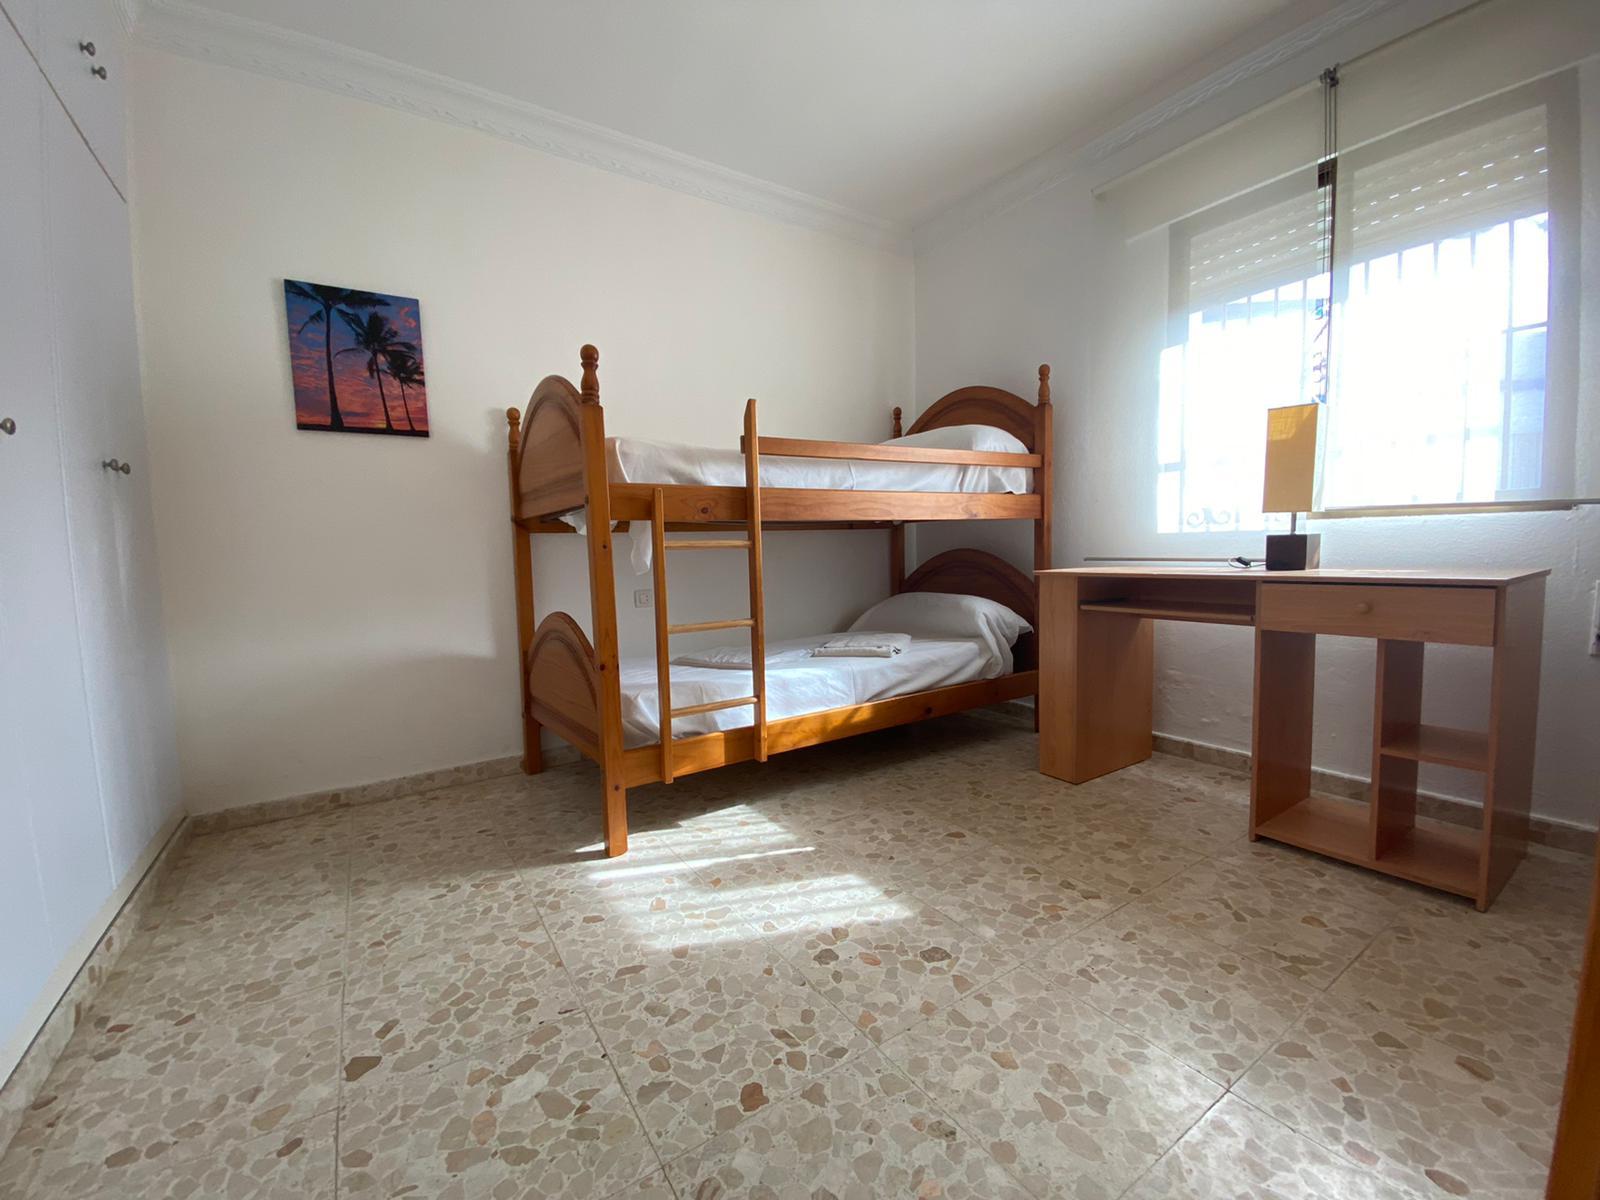 Imagen 44 del Vivienda Turística en Pueblo Marinero, (4d+2b), Punta del Moral (HUELVA), Avda. de la Palmera s-n